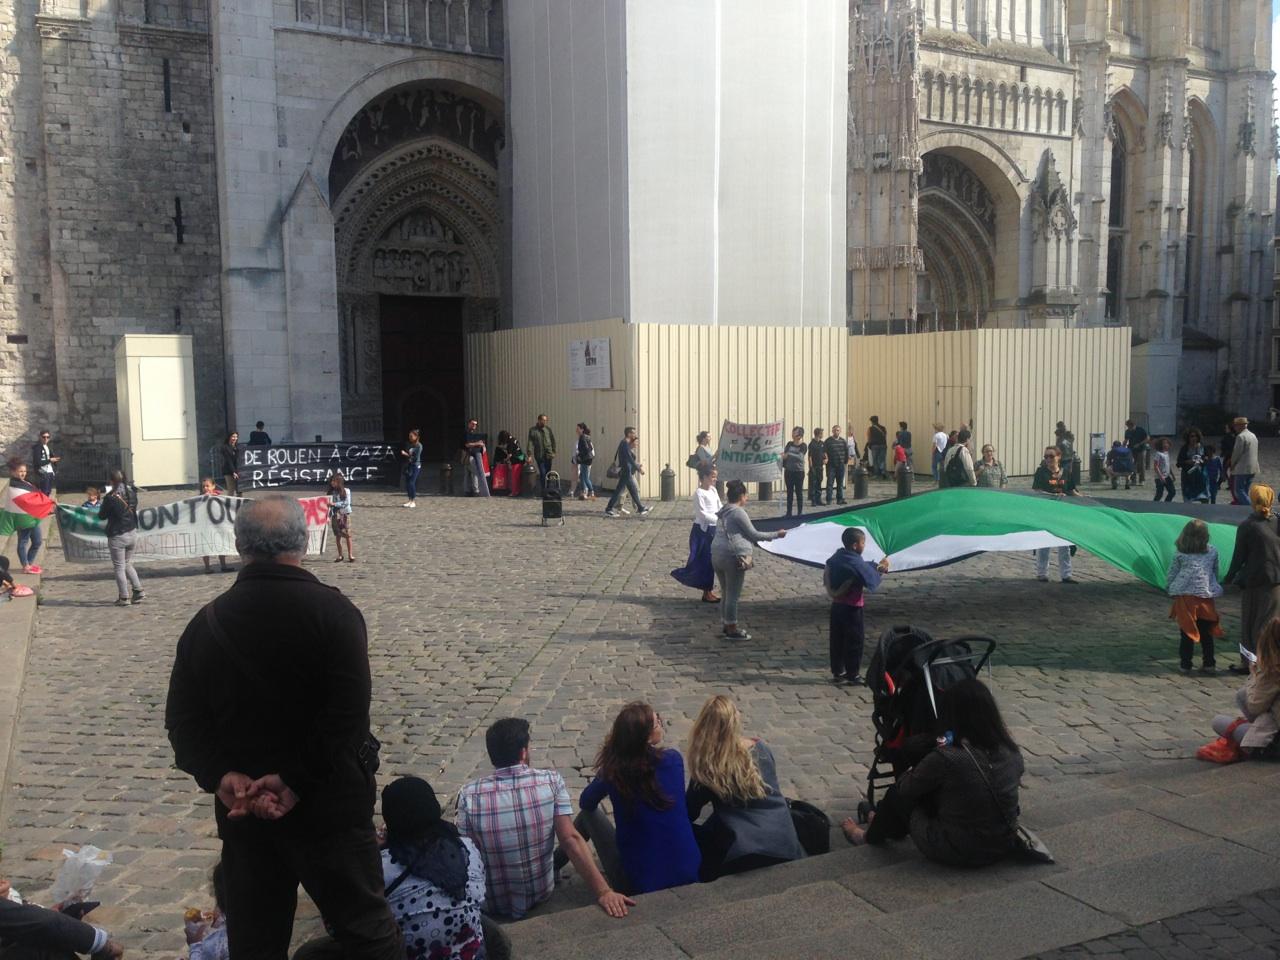 L'appel au soutien du peuple palestinien a rassemblé une quarantaine de personnes sur le parvis de la cathédrale